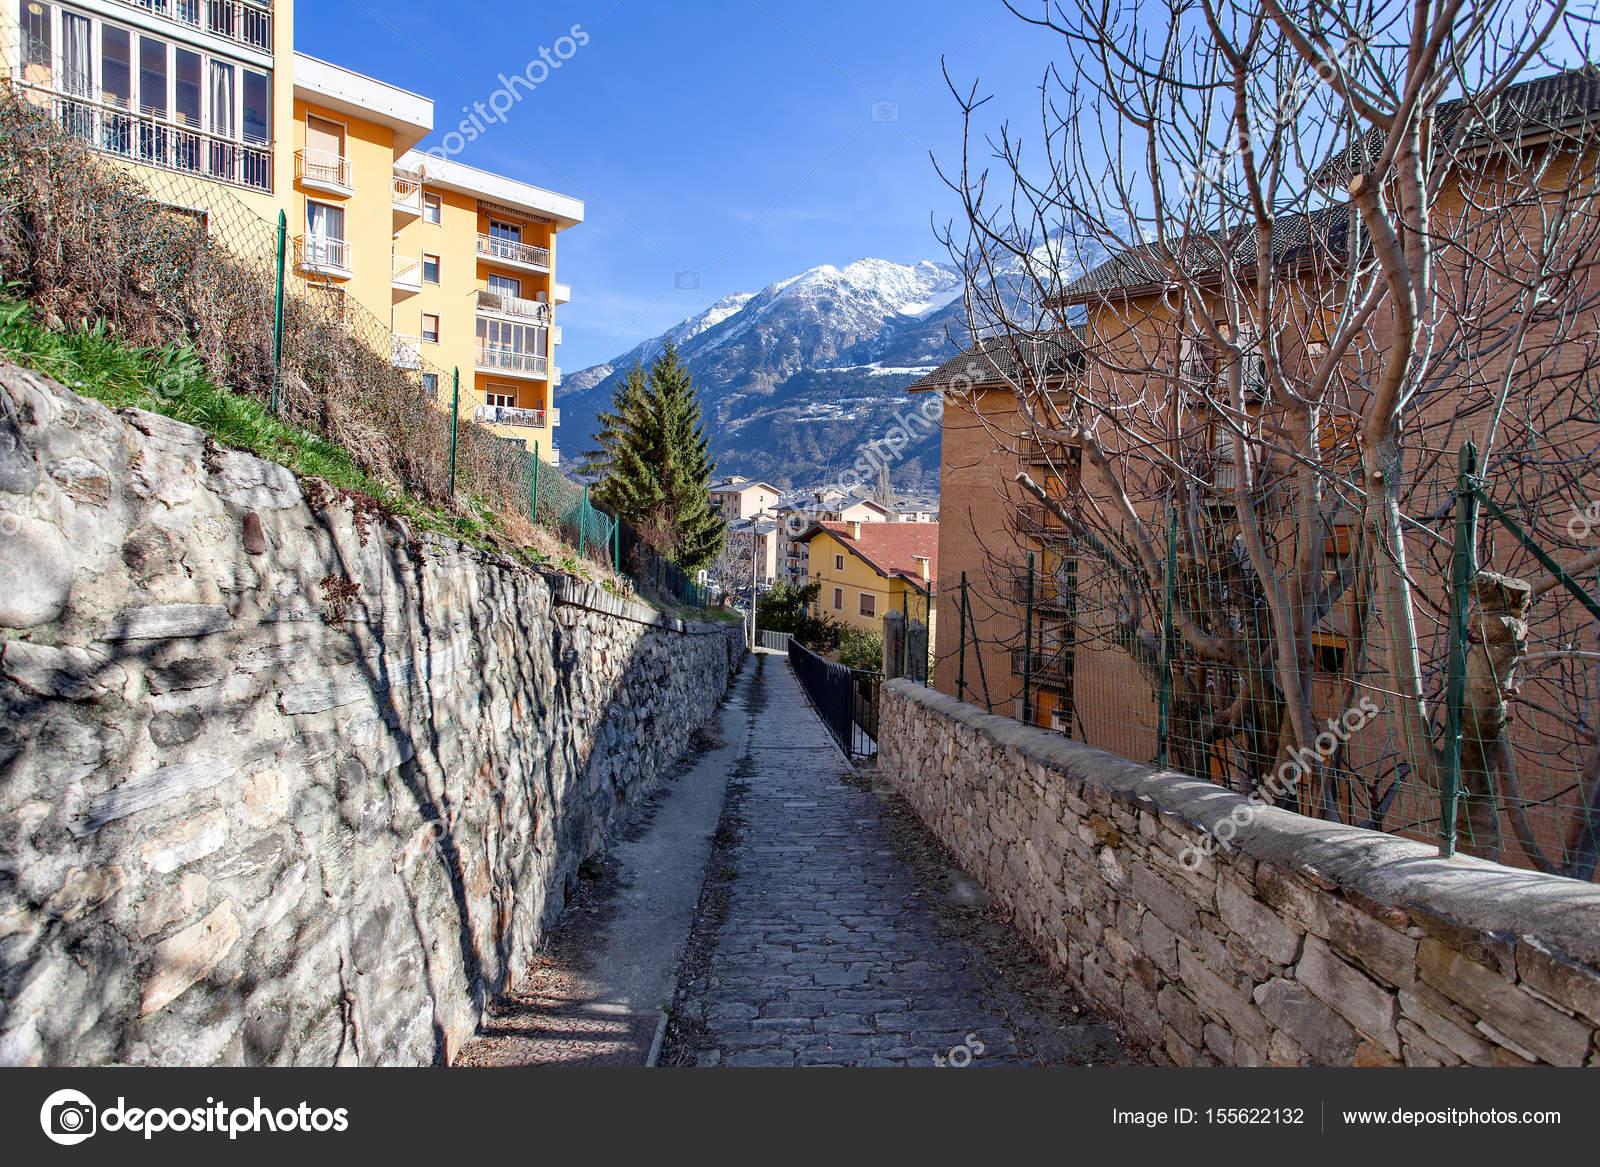 Aosta Valle D Aosta Italy Stock Photo C Irinasen 155622132